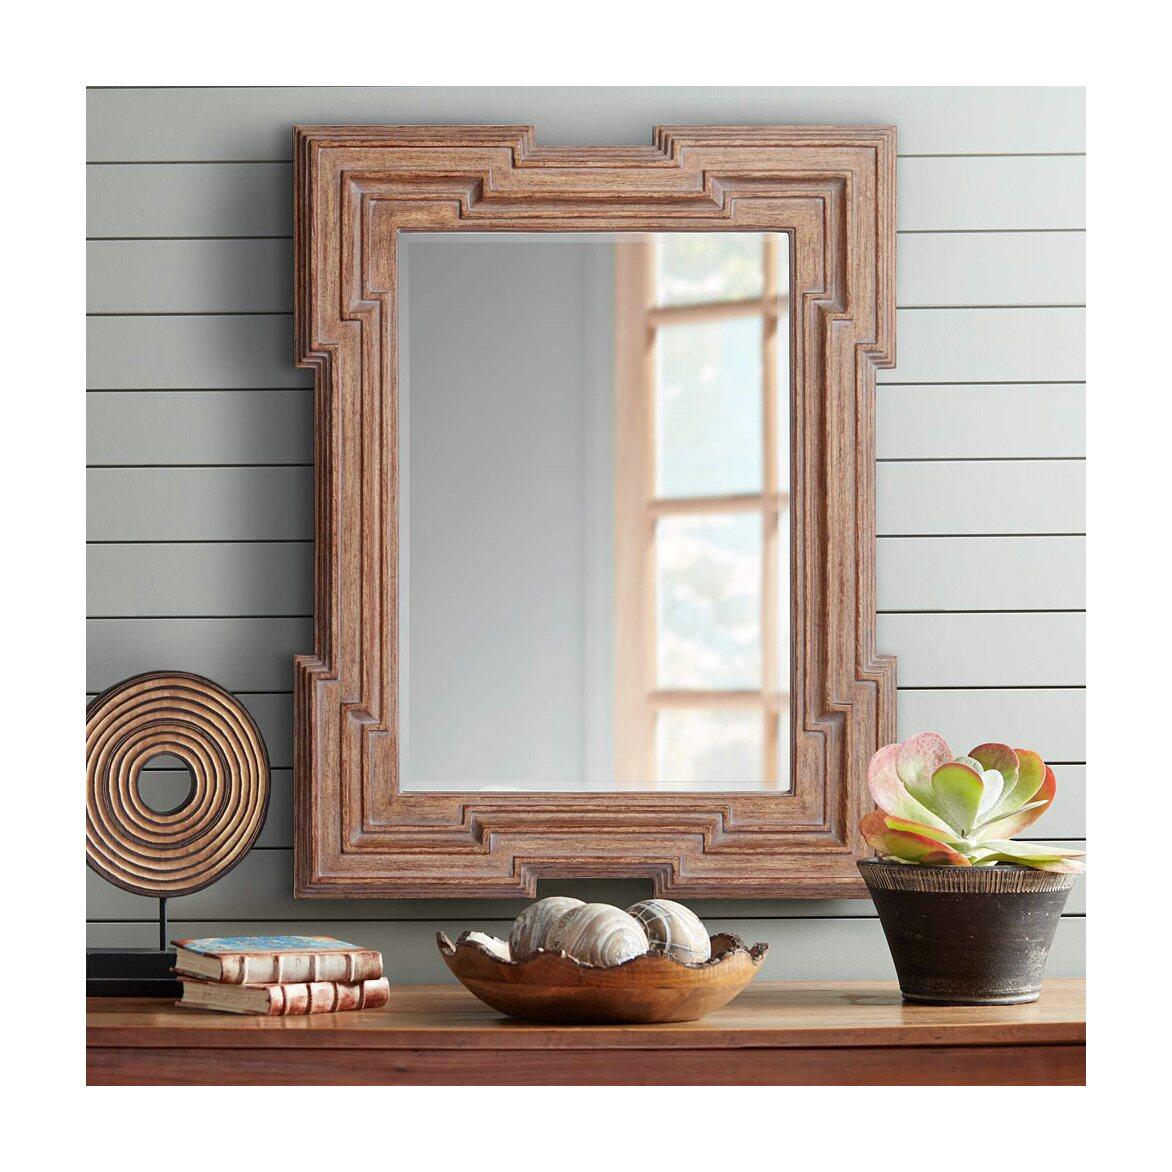 Настенное зеркало «Карфаген» 4 | Настенные зеркала Kingsby